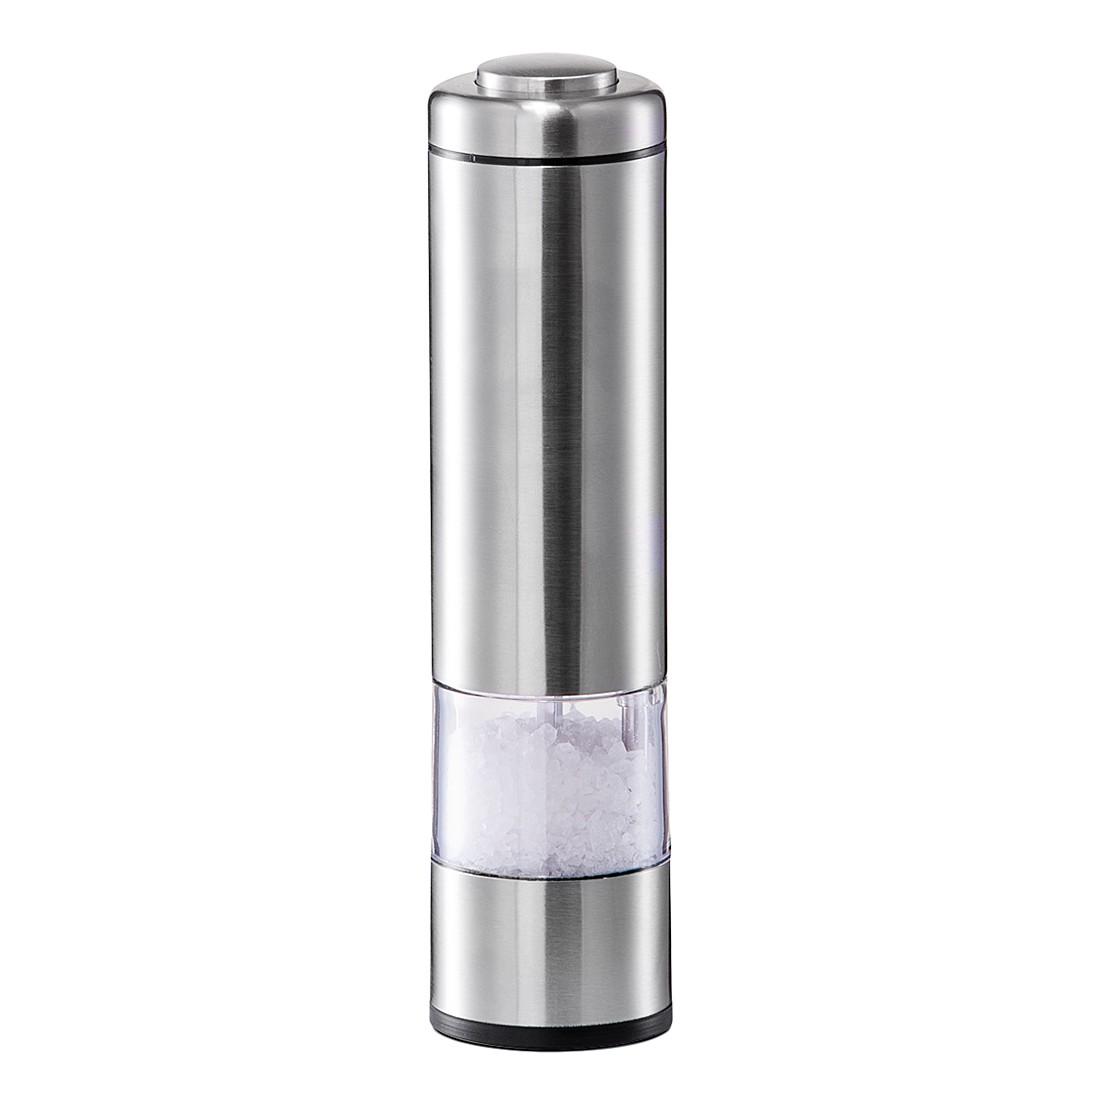 Elektische Salz-/Pfeffermühle – Edelstahl, mit Licht, Zeller jetzt kaufen